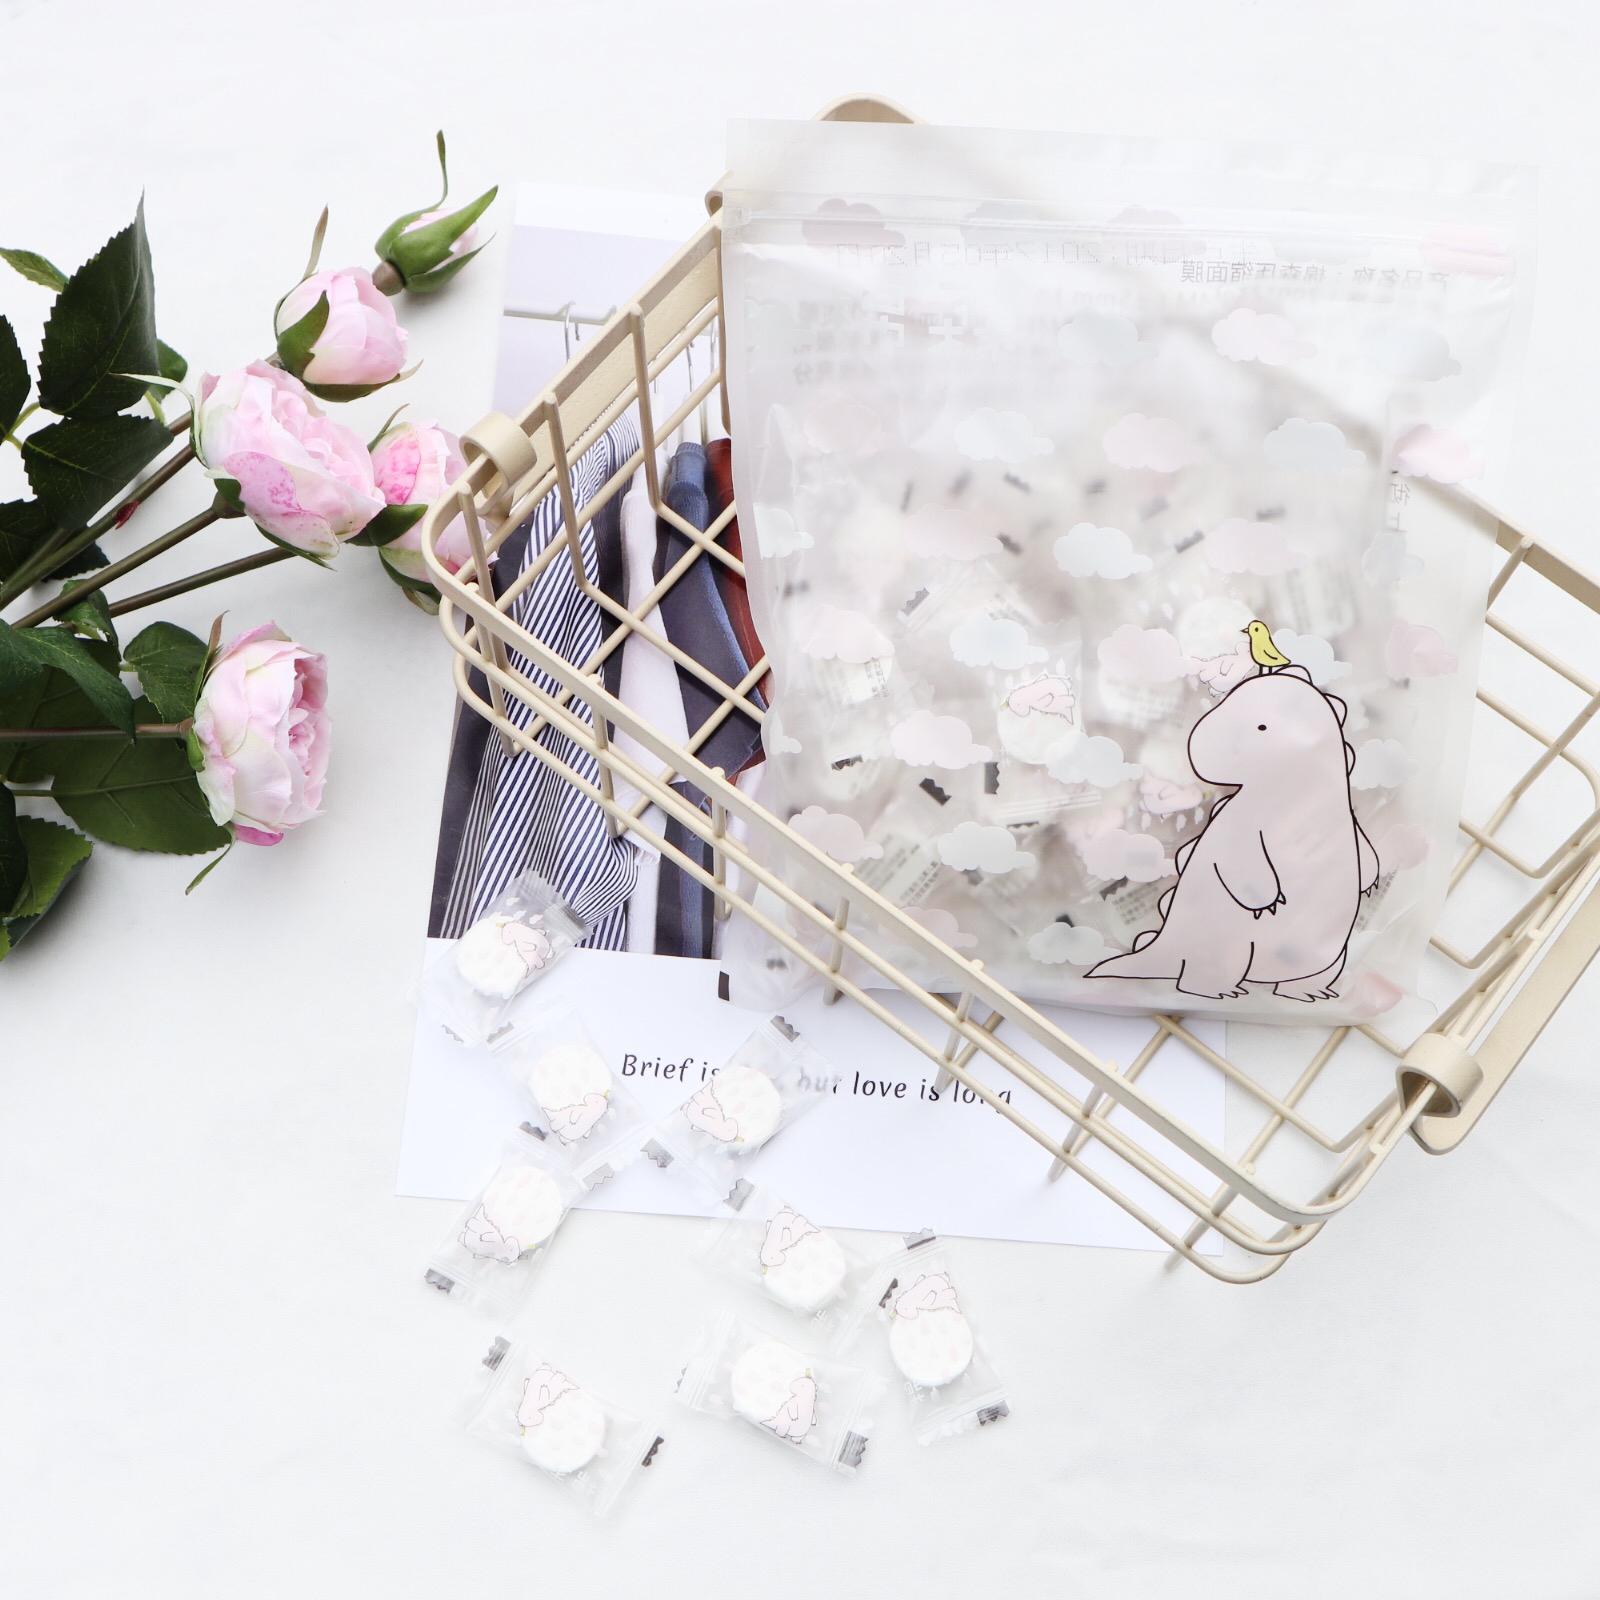 Хлопок лес сжатие маска завод волокно одноразовые бумага мембрана DIY маска бумага 80 медаль